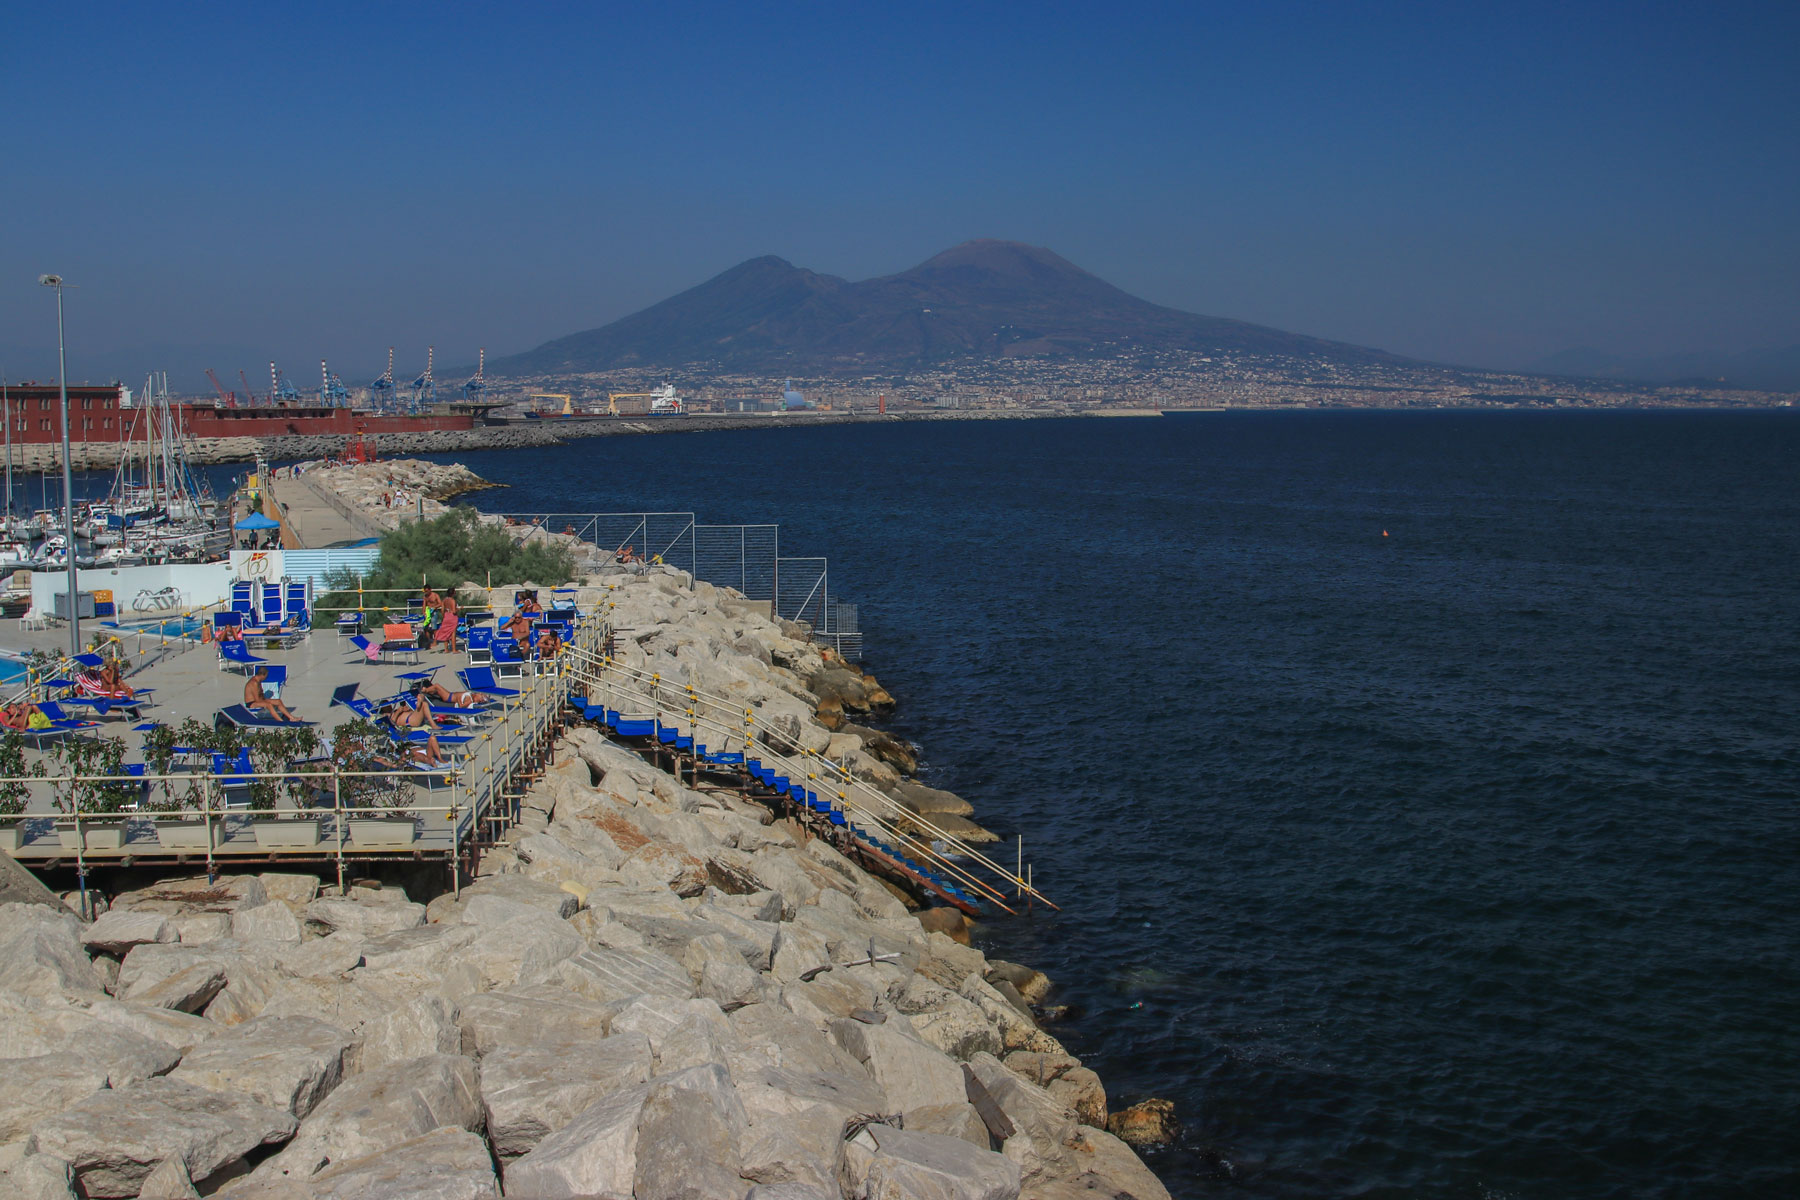 Napoli Fotoğrafları Italya Gezilecek Yerler Çekergezer Hakan Aydın Gezgin Fotoğrafçı www.cekergezer.com www.cekergezer.com